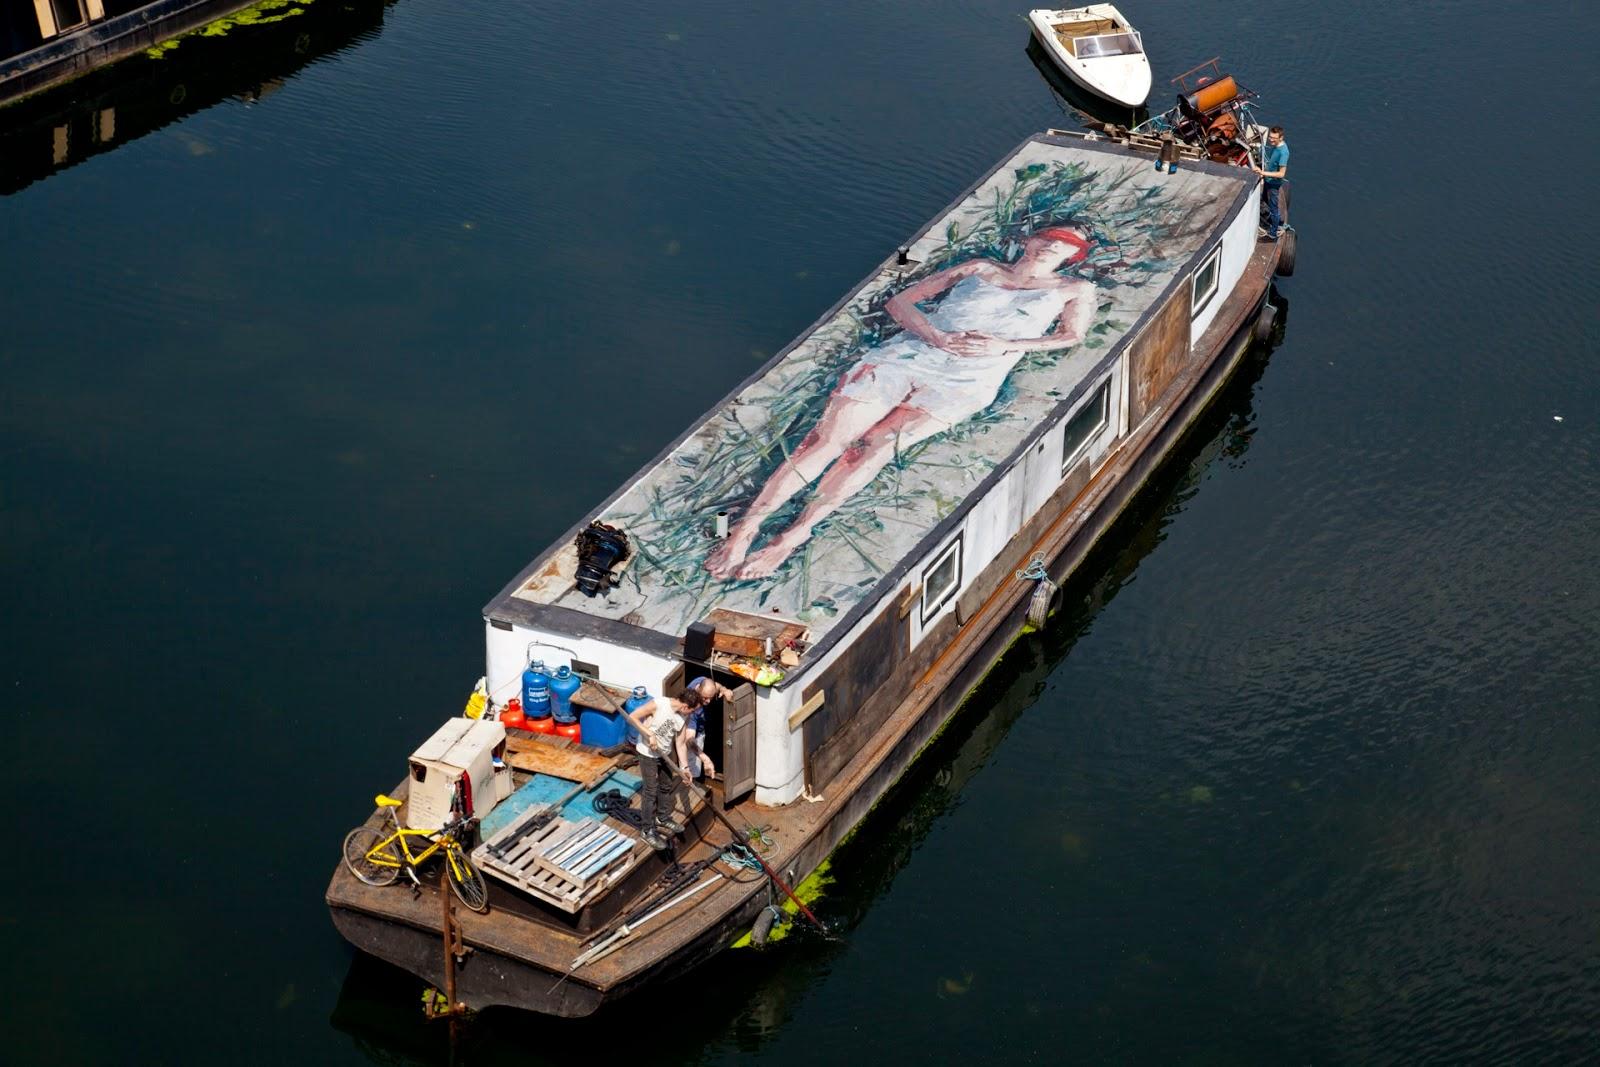 borondo-carmen-main-on-a-boat-01